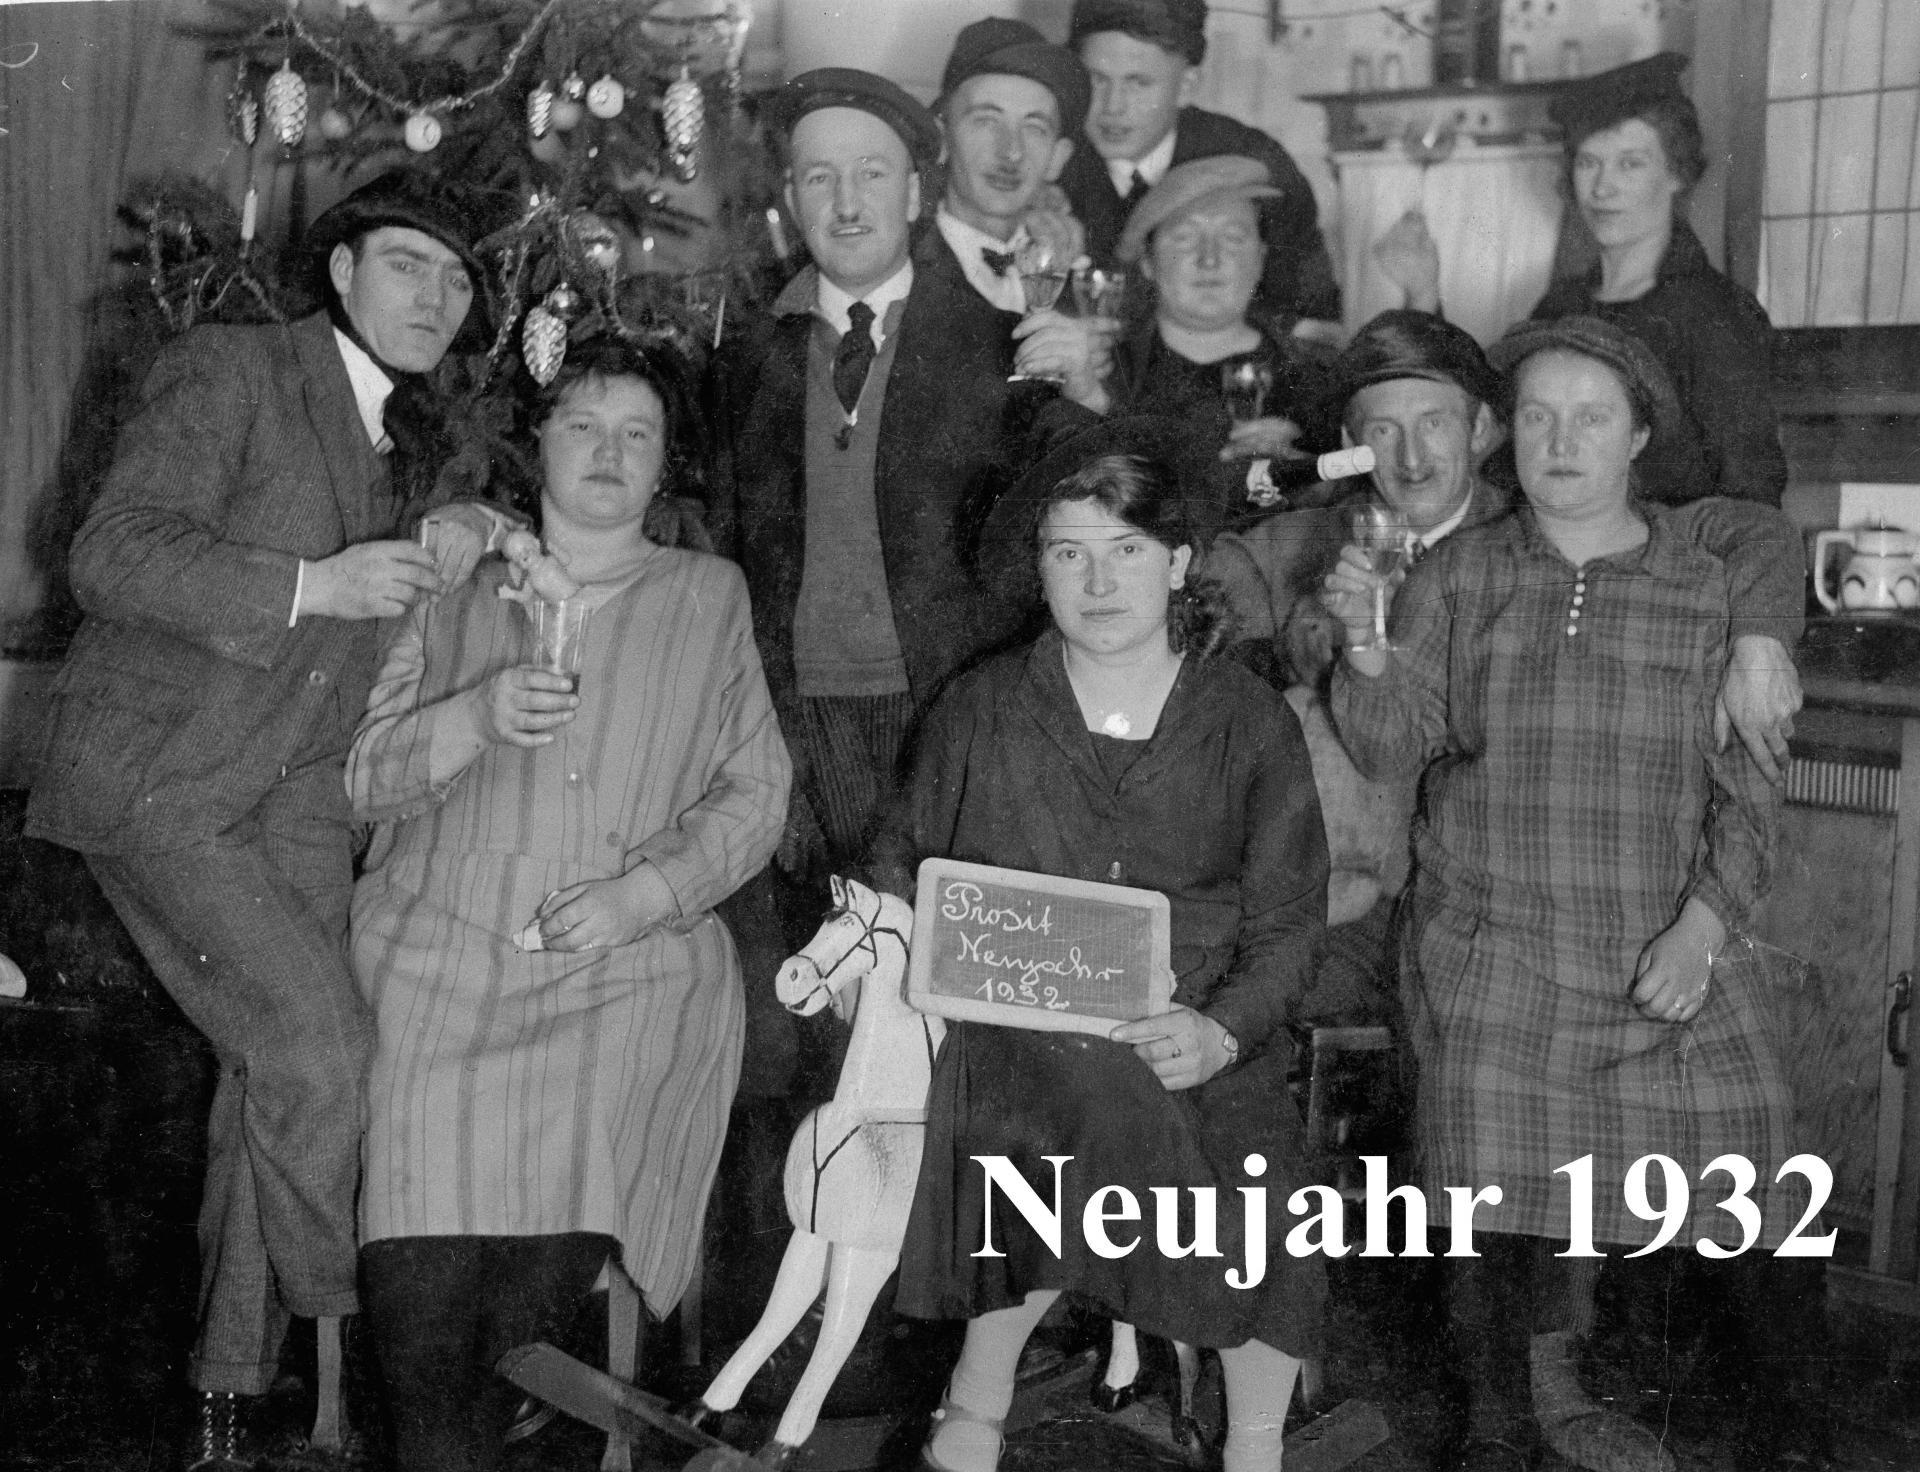 Neujahr 1932